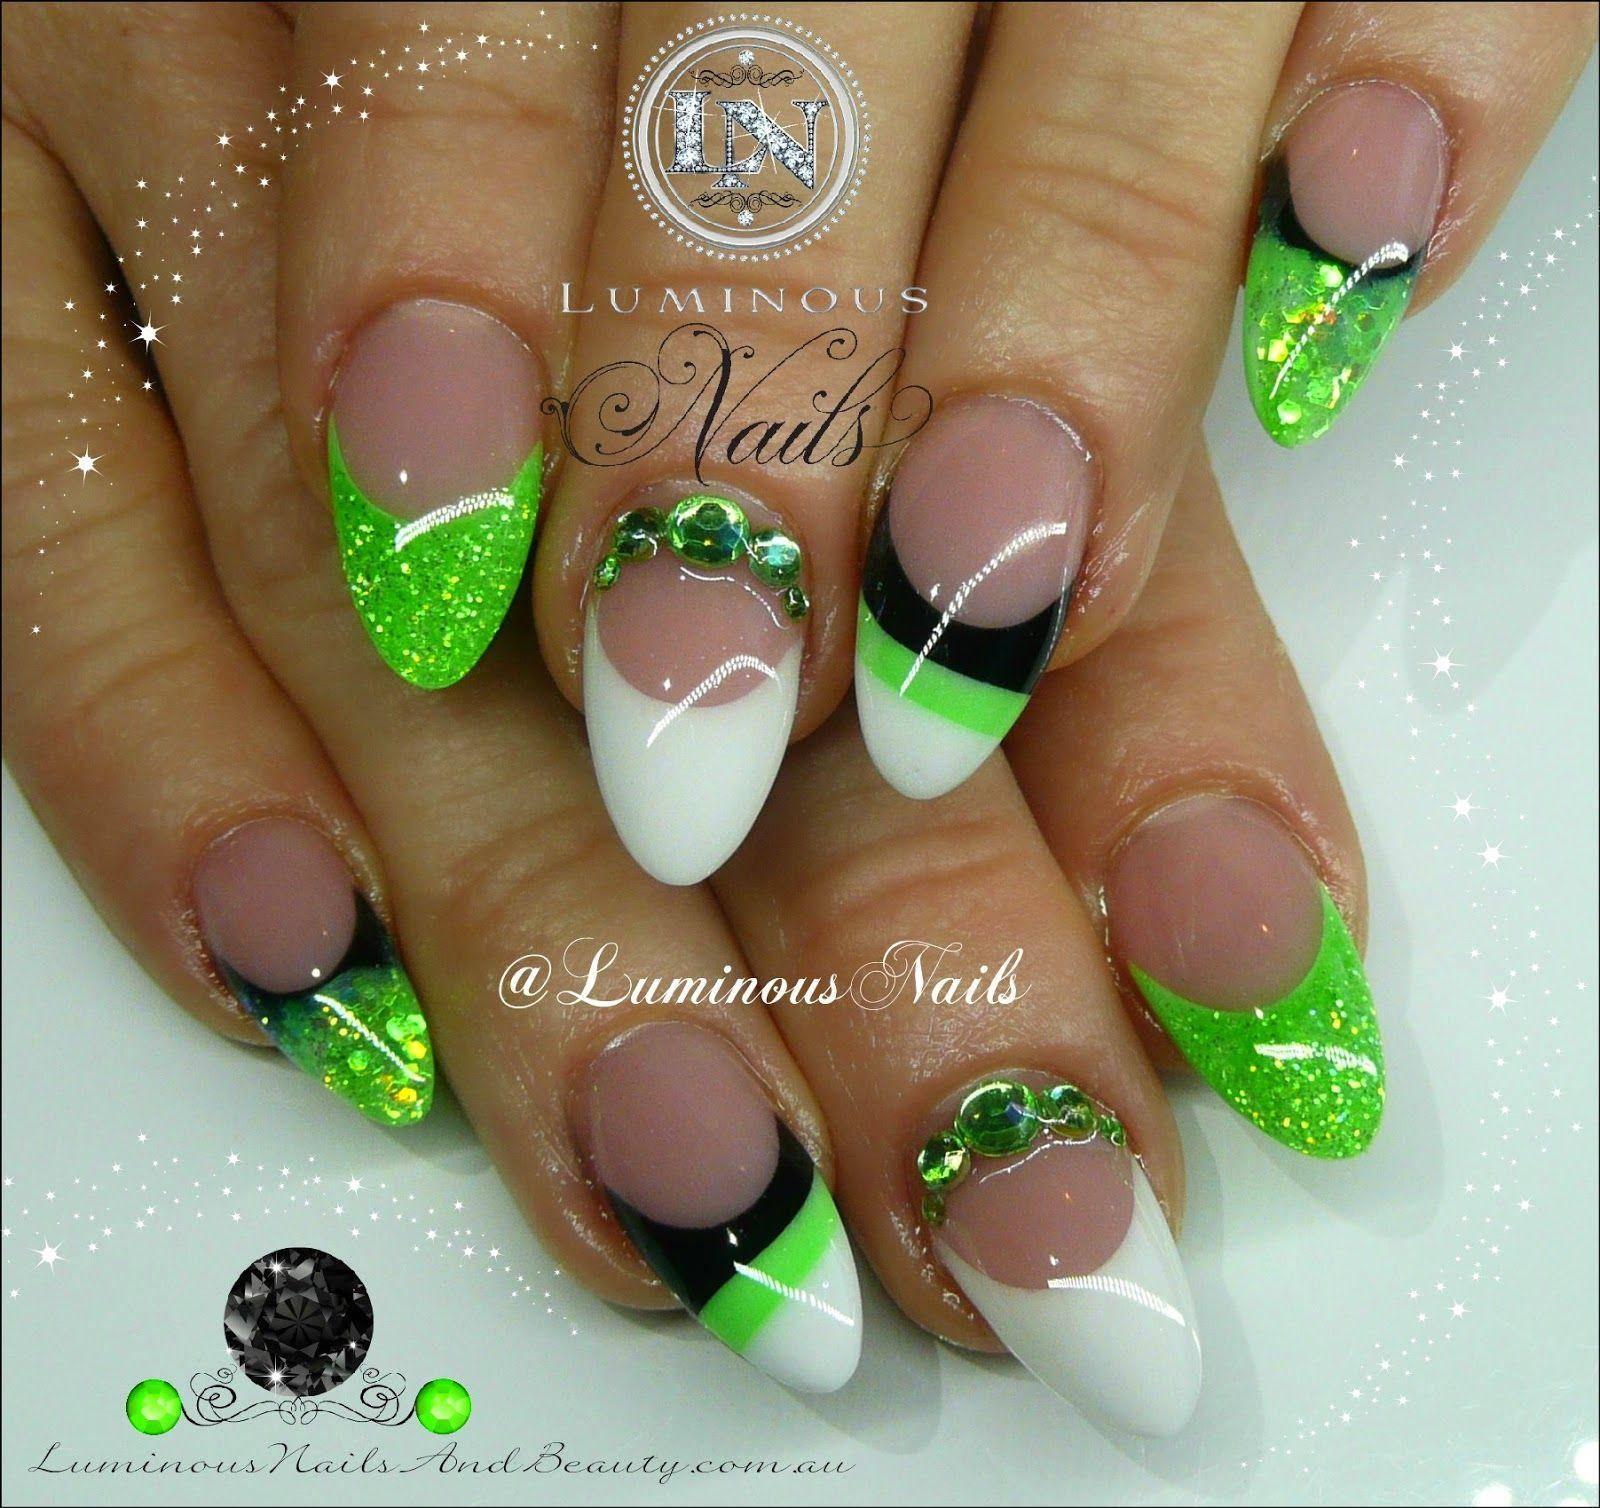 luminous nails lime green white & black nails